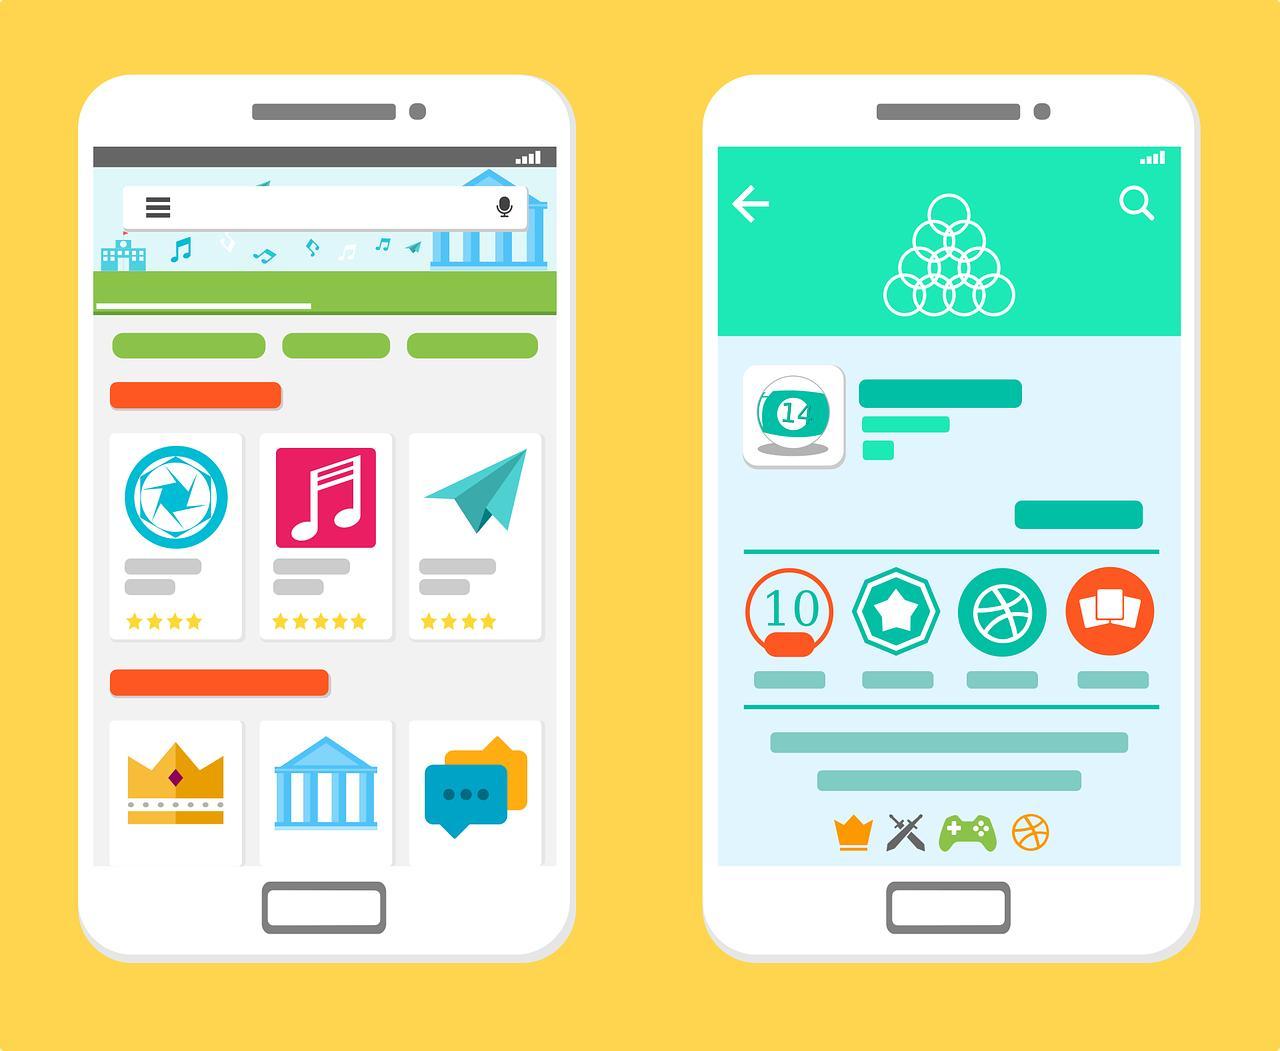 Где скачать Google Play Store 18.3.13? Унас есть ссылки